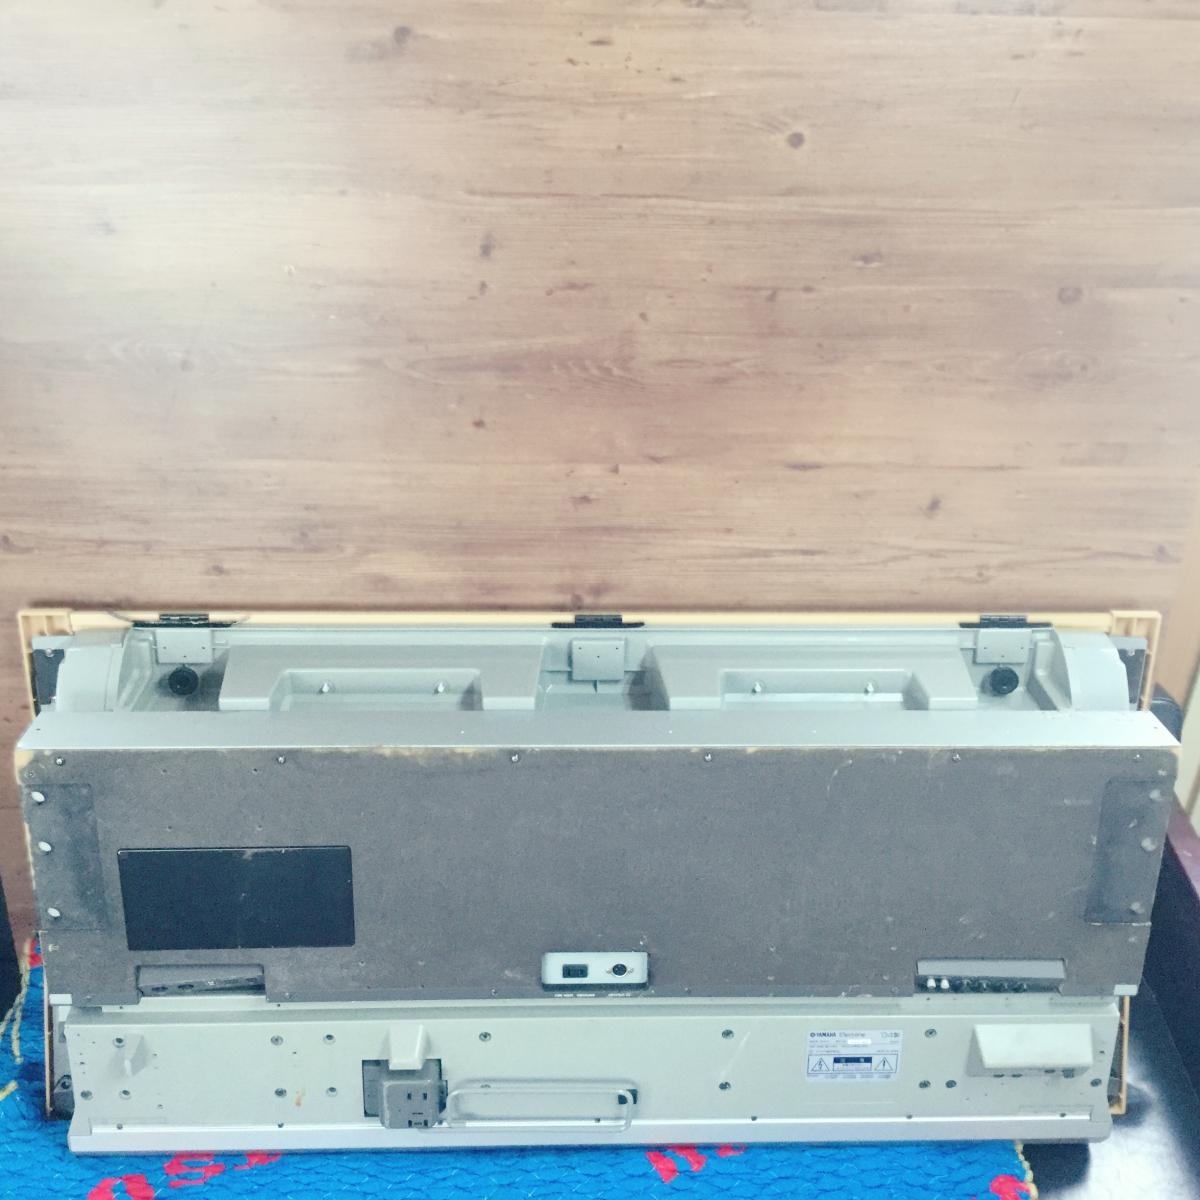 ☆ YAMAHA ヤマハ ELS-01 STAGEA ステージア エレクトーン 鍵盤 電子オルガン 楽器 演奏 キーボード 2004年製 現状品 ☆_画像8